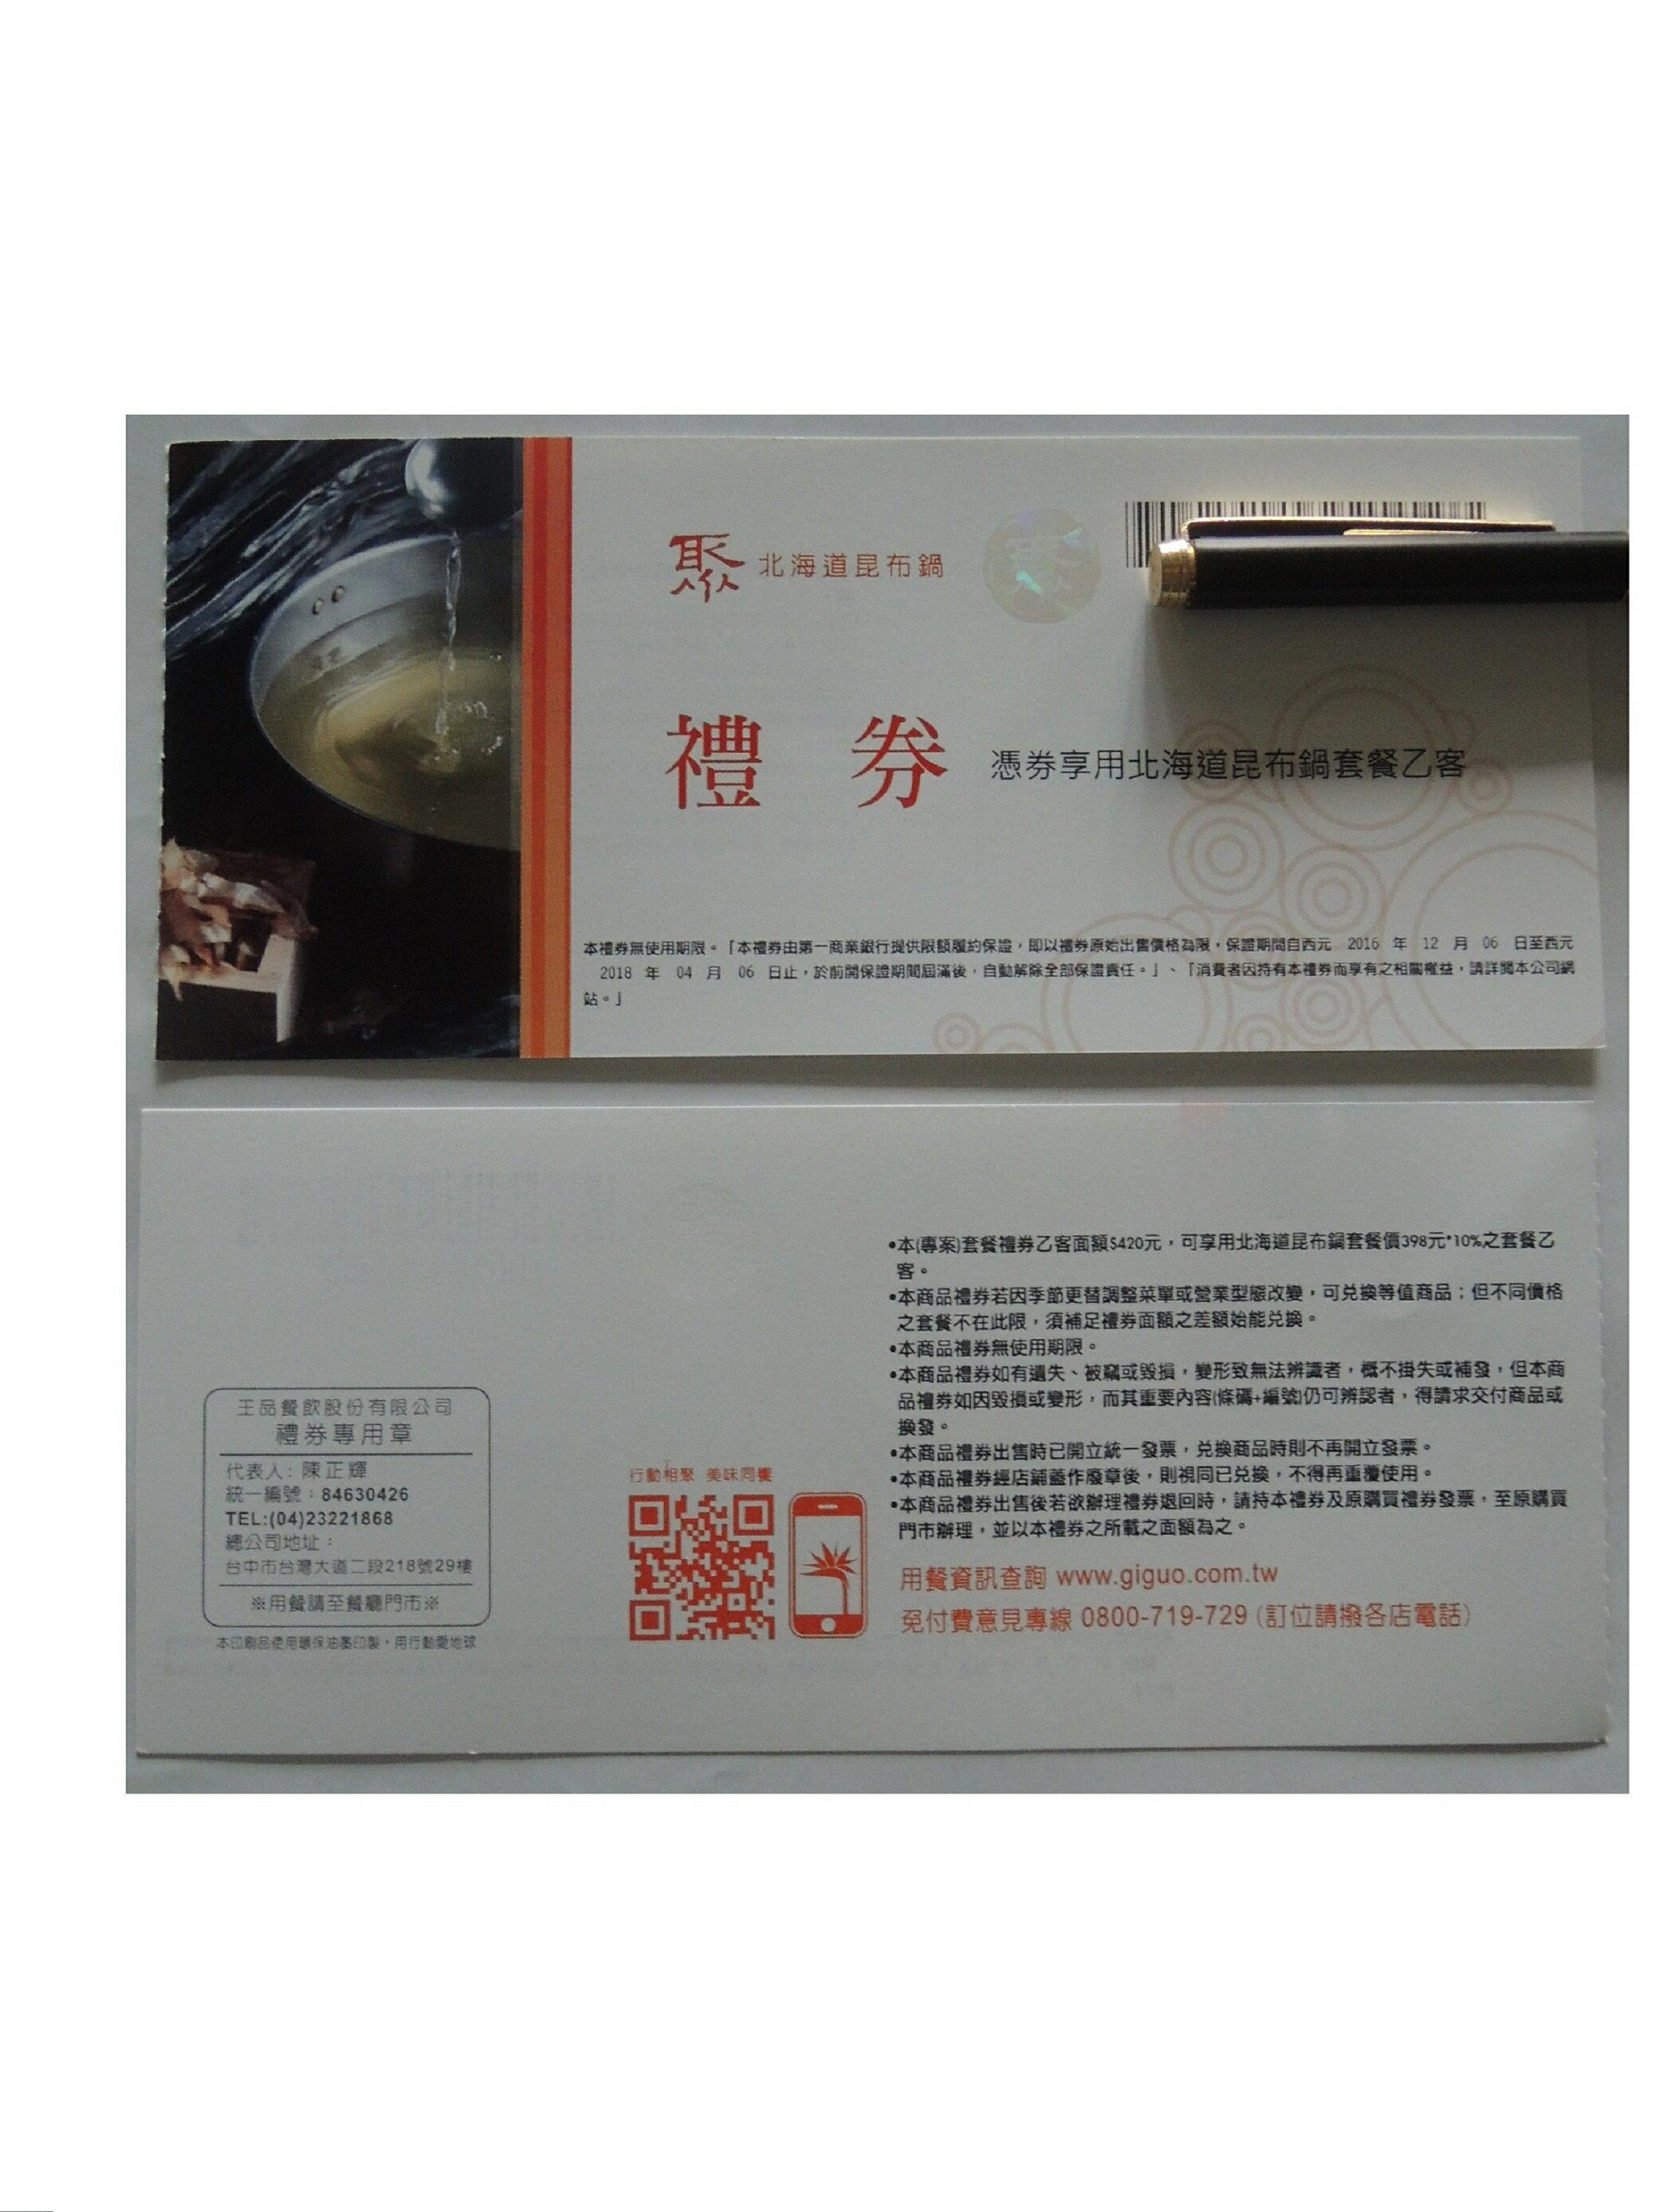 【王品集團】聚火鍋餐劵~聚北海道昆布鍋套餐劵(全台通用)~高雄地區可自取